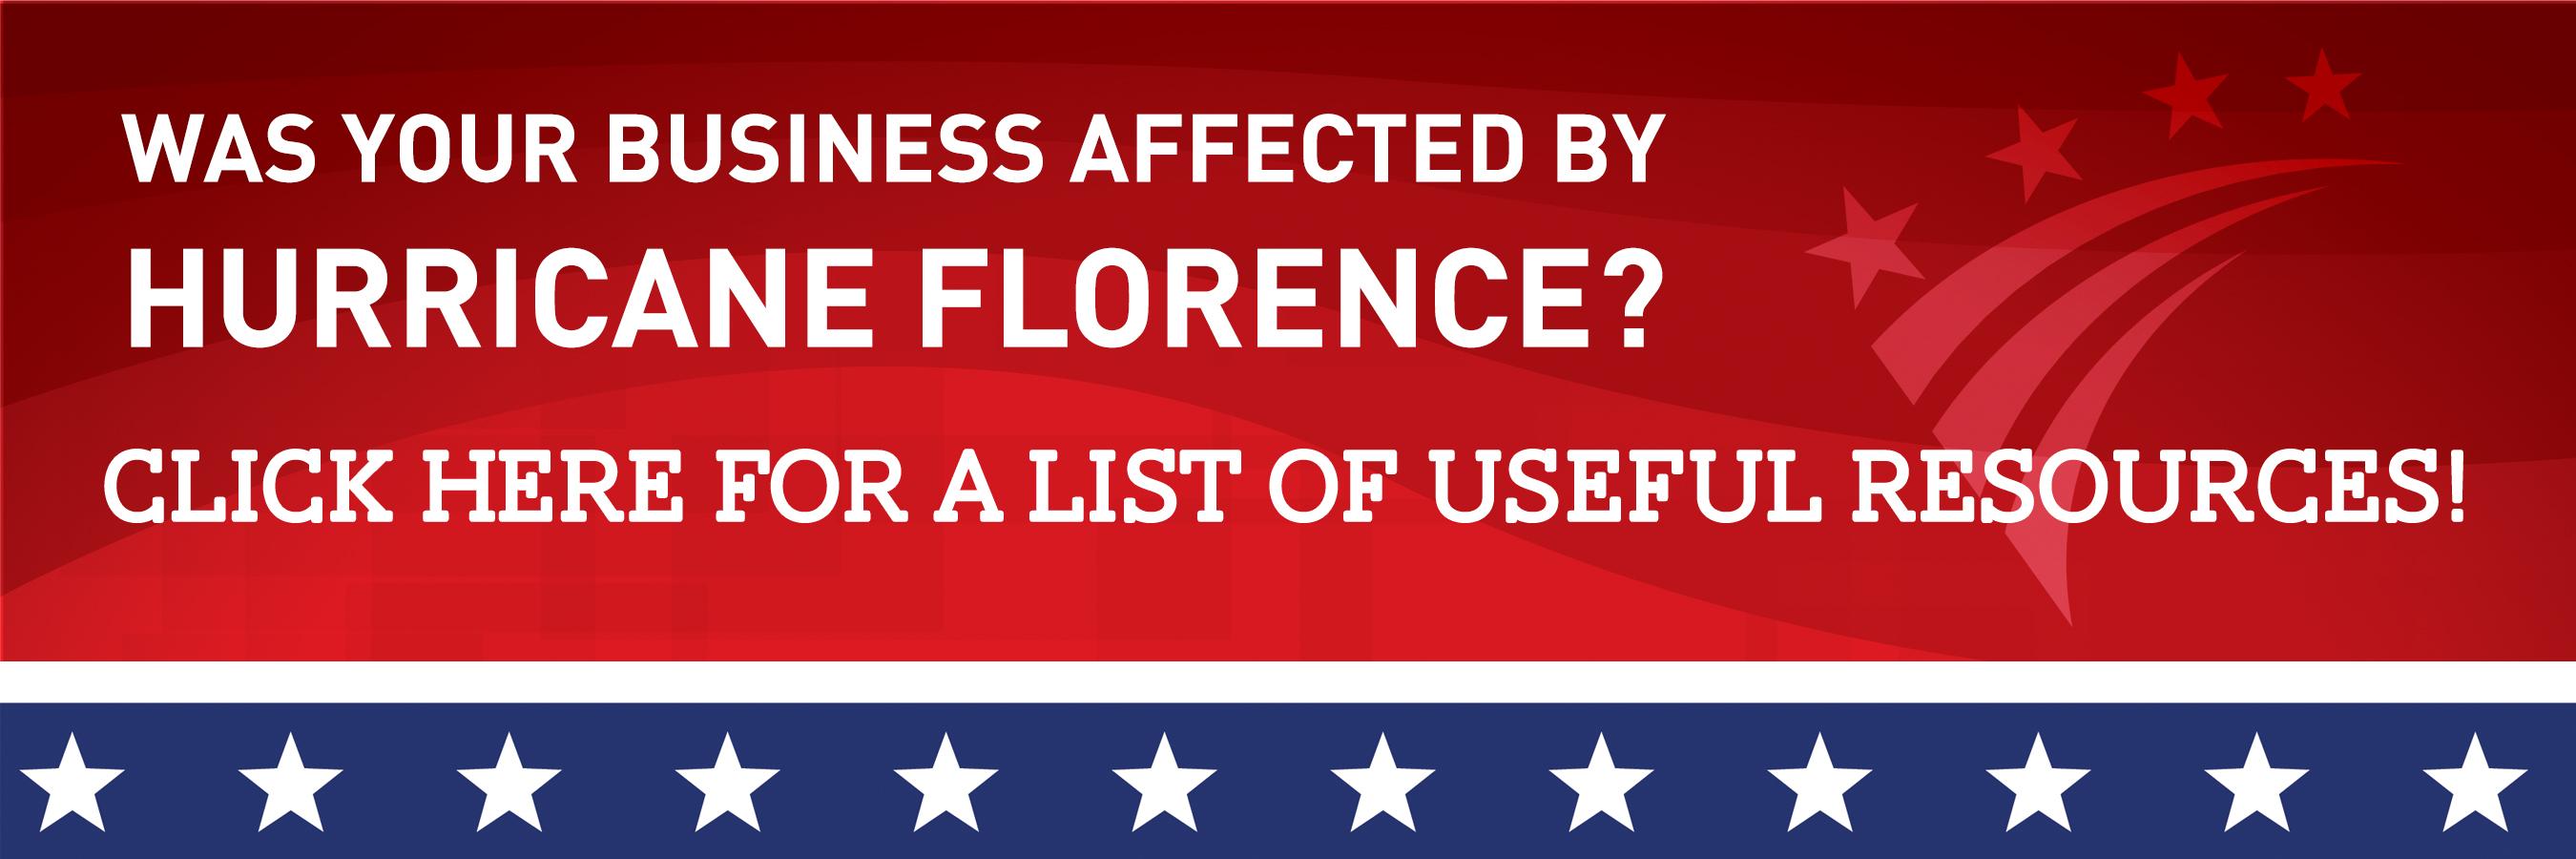 hurricane_florence_banner.jpg